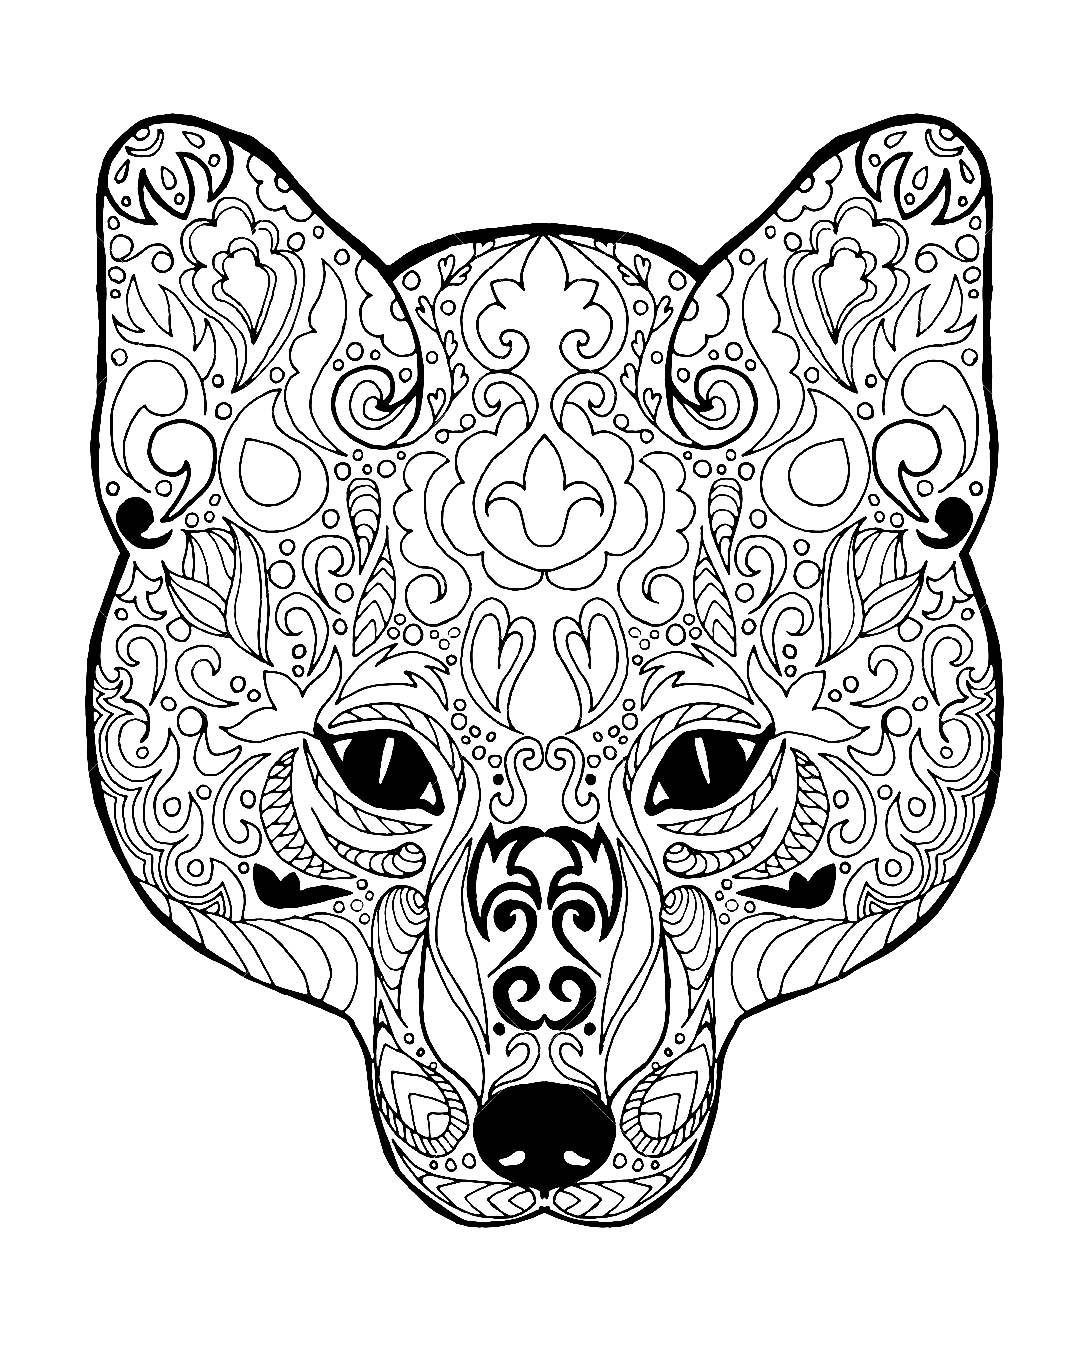 Tete de renard avec motifs renards coloriages difficiles pour adultes - Masque de renard a imprimer ...